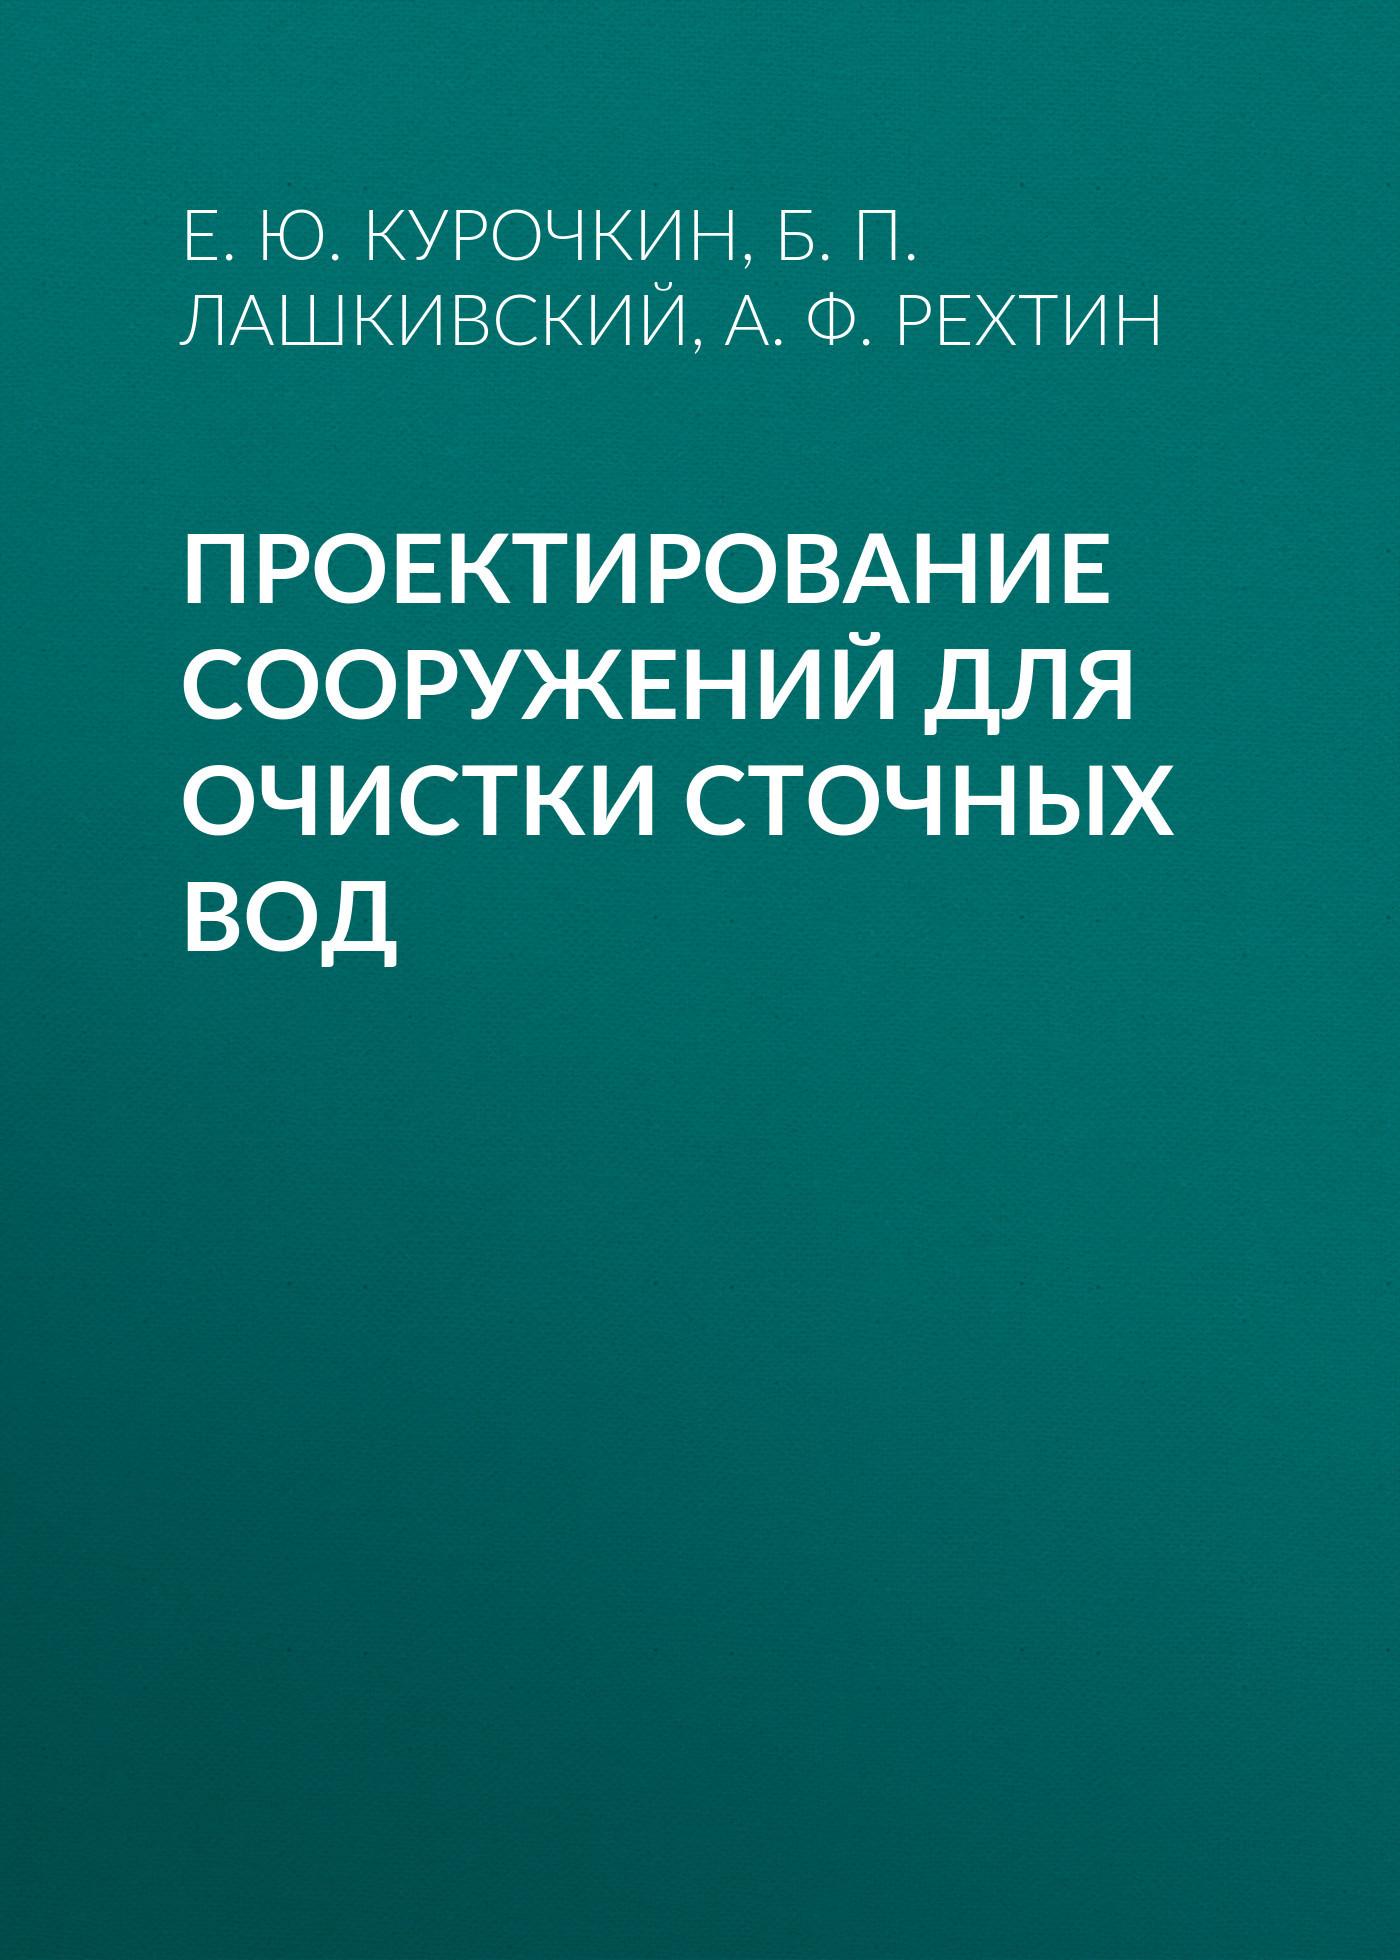 А. Ф. Рехтин Проектирование сооружений для очистки сточных вод